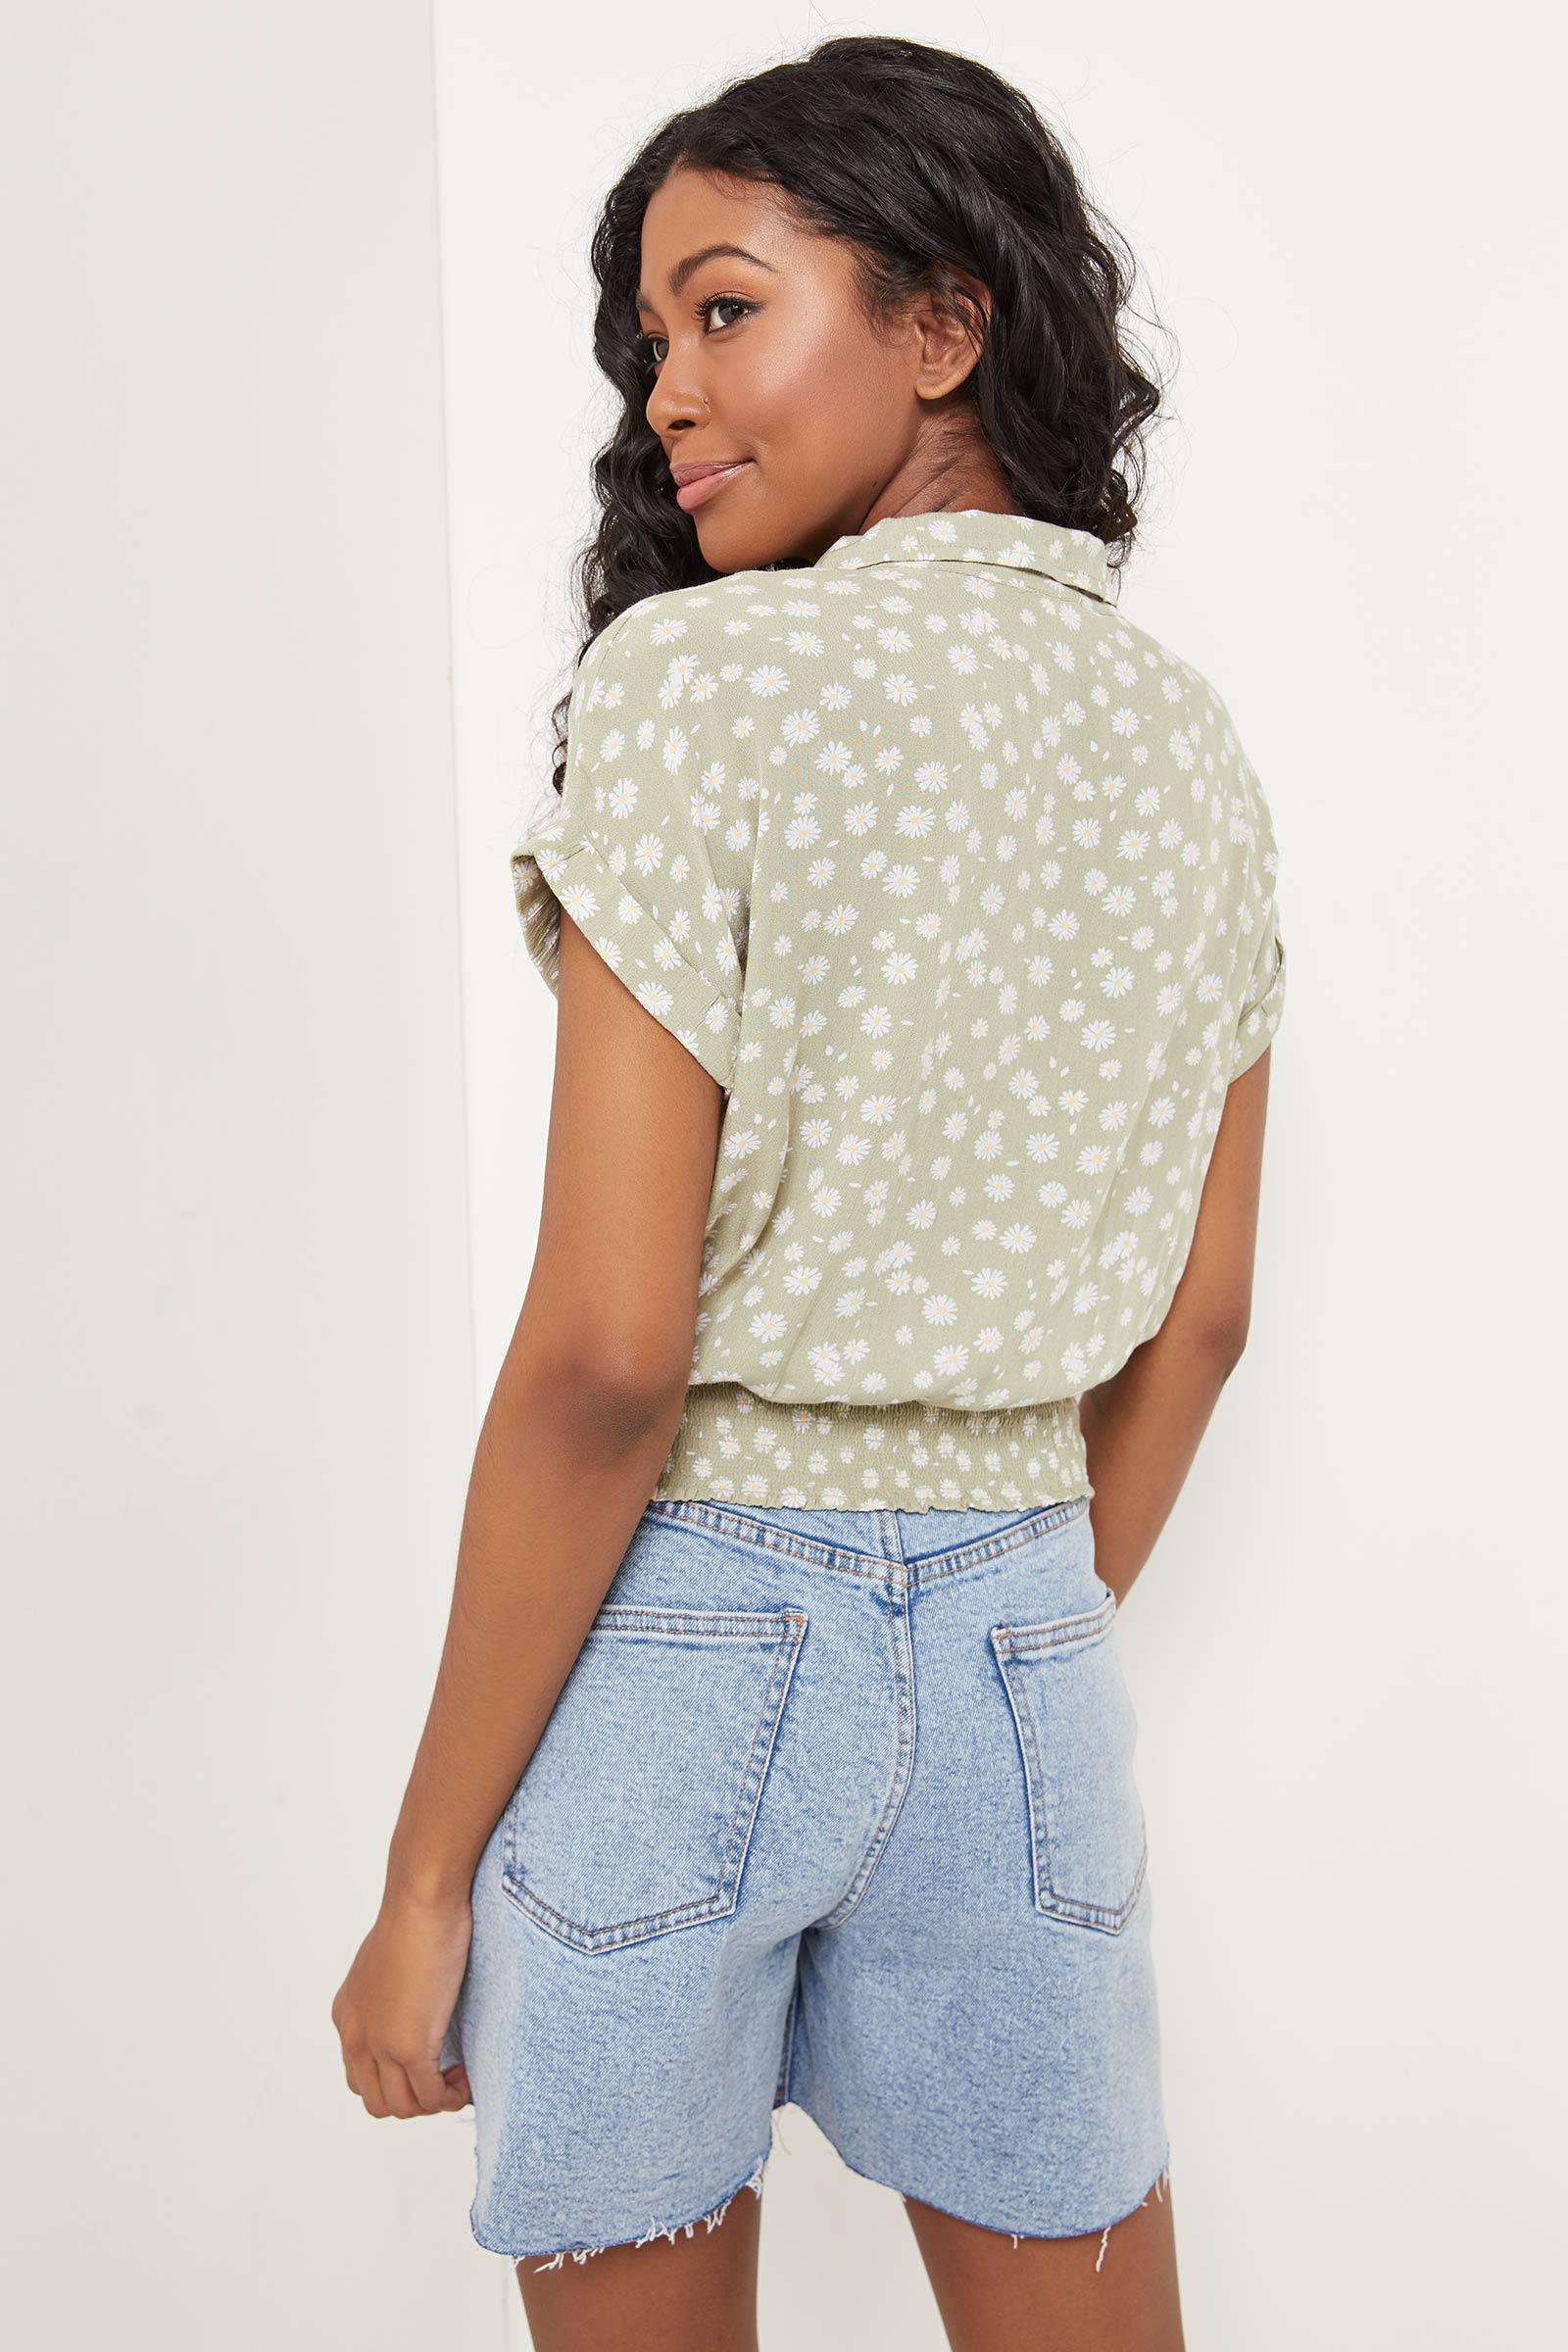 Floral Sage Shirt with Smocked Hem